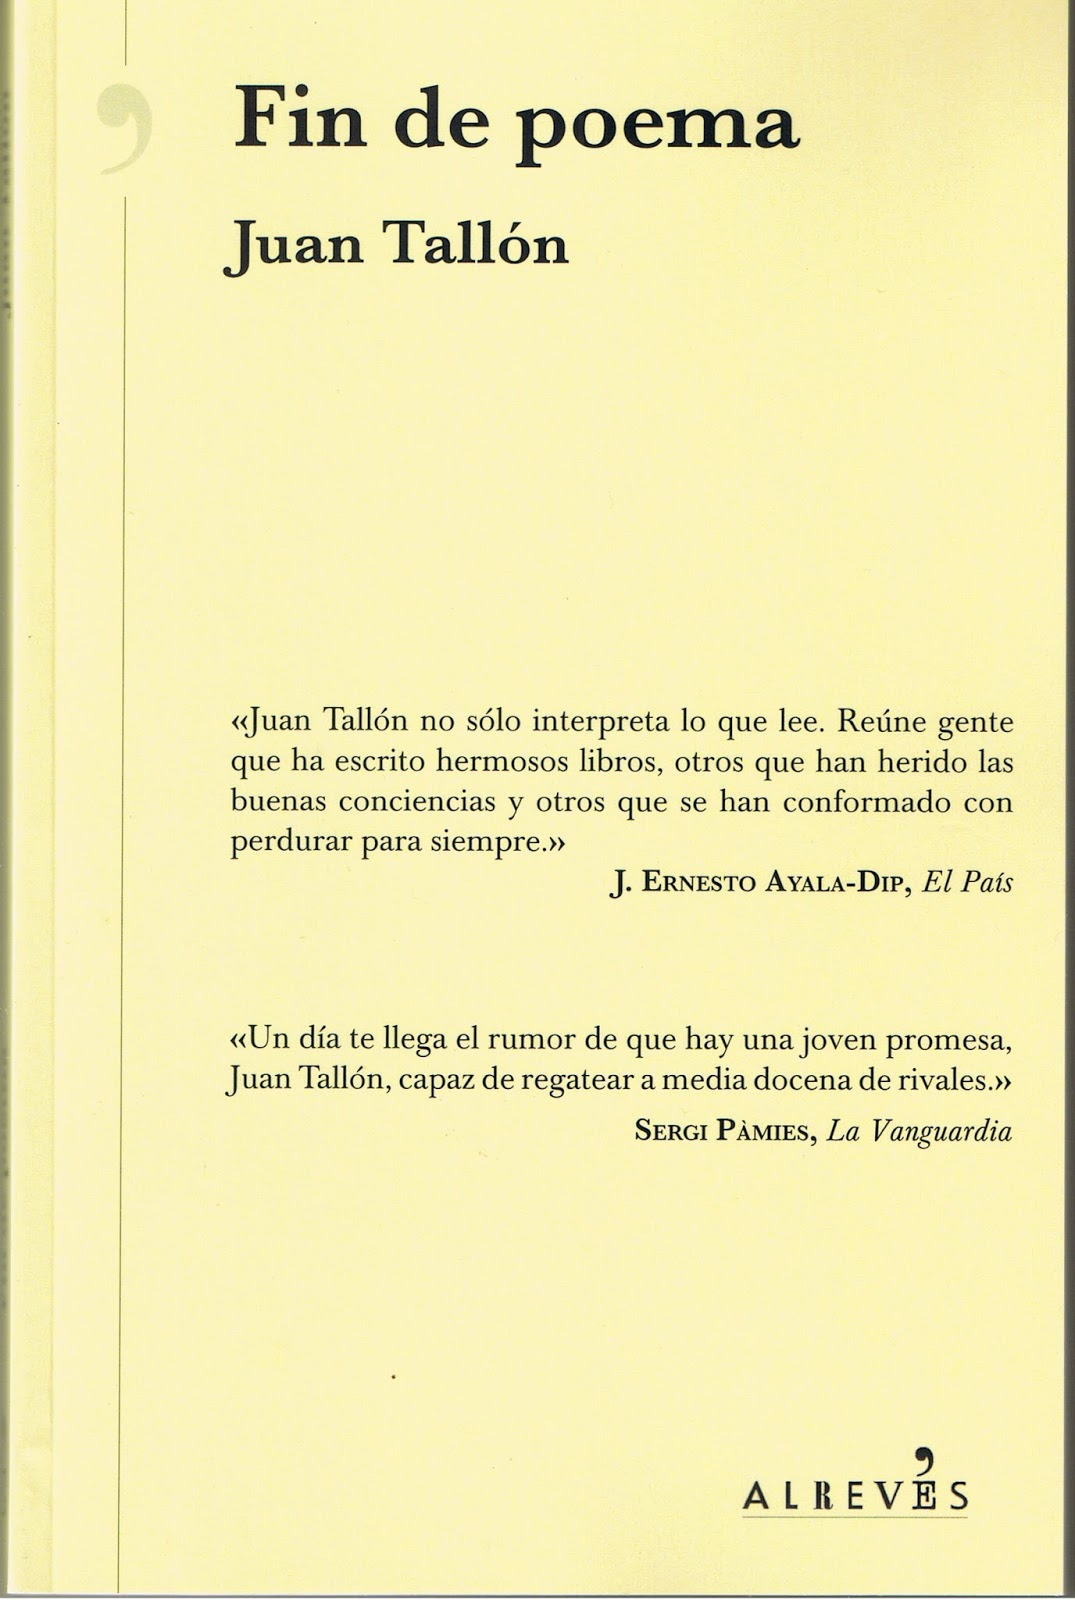 Fin de poema en español, edición no venal